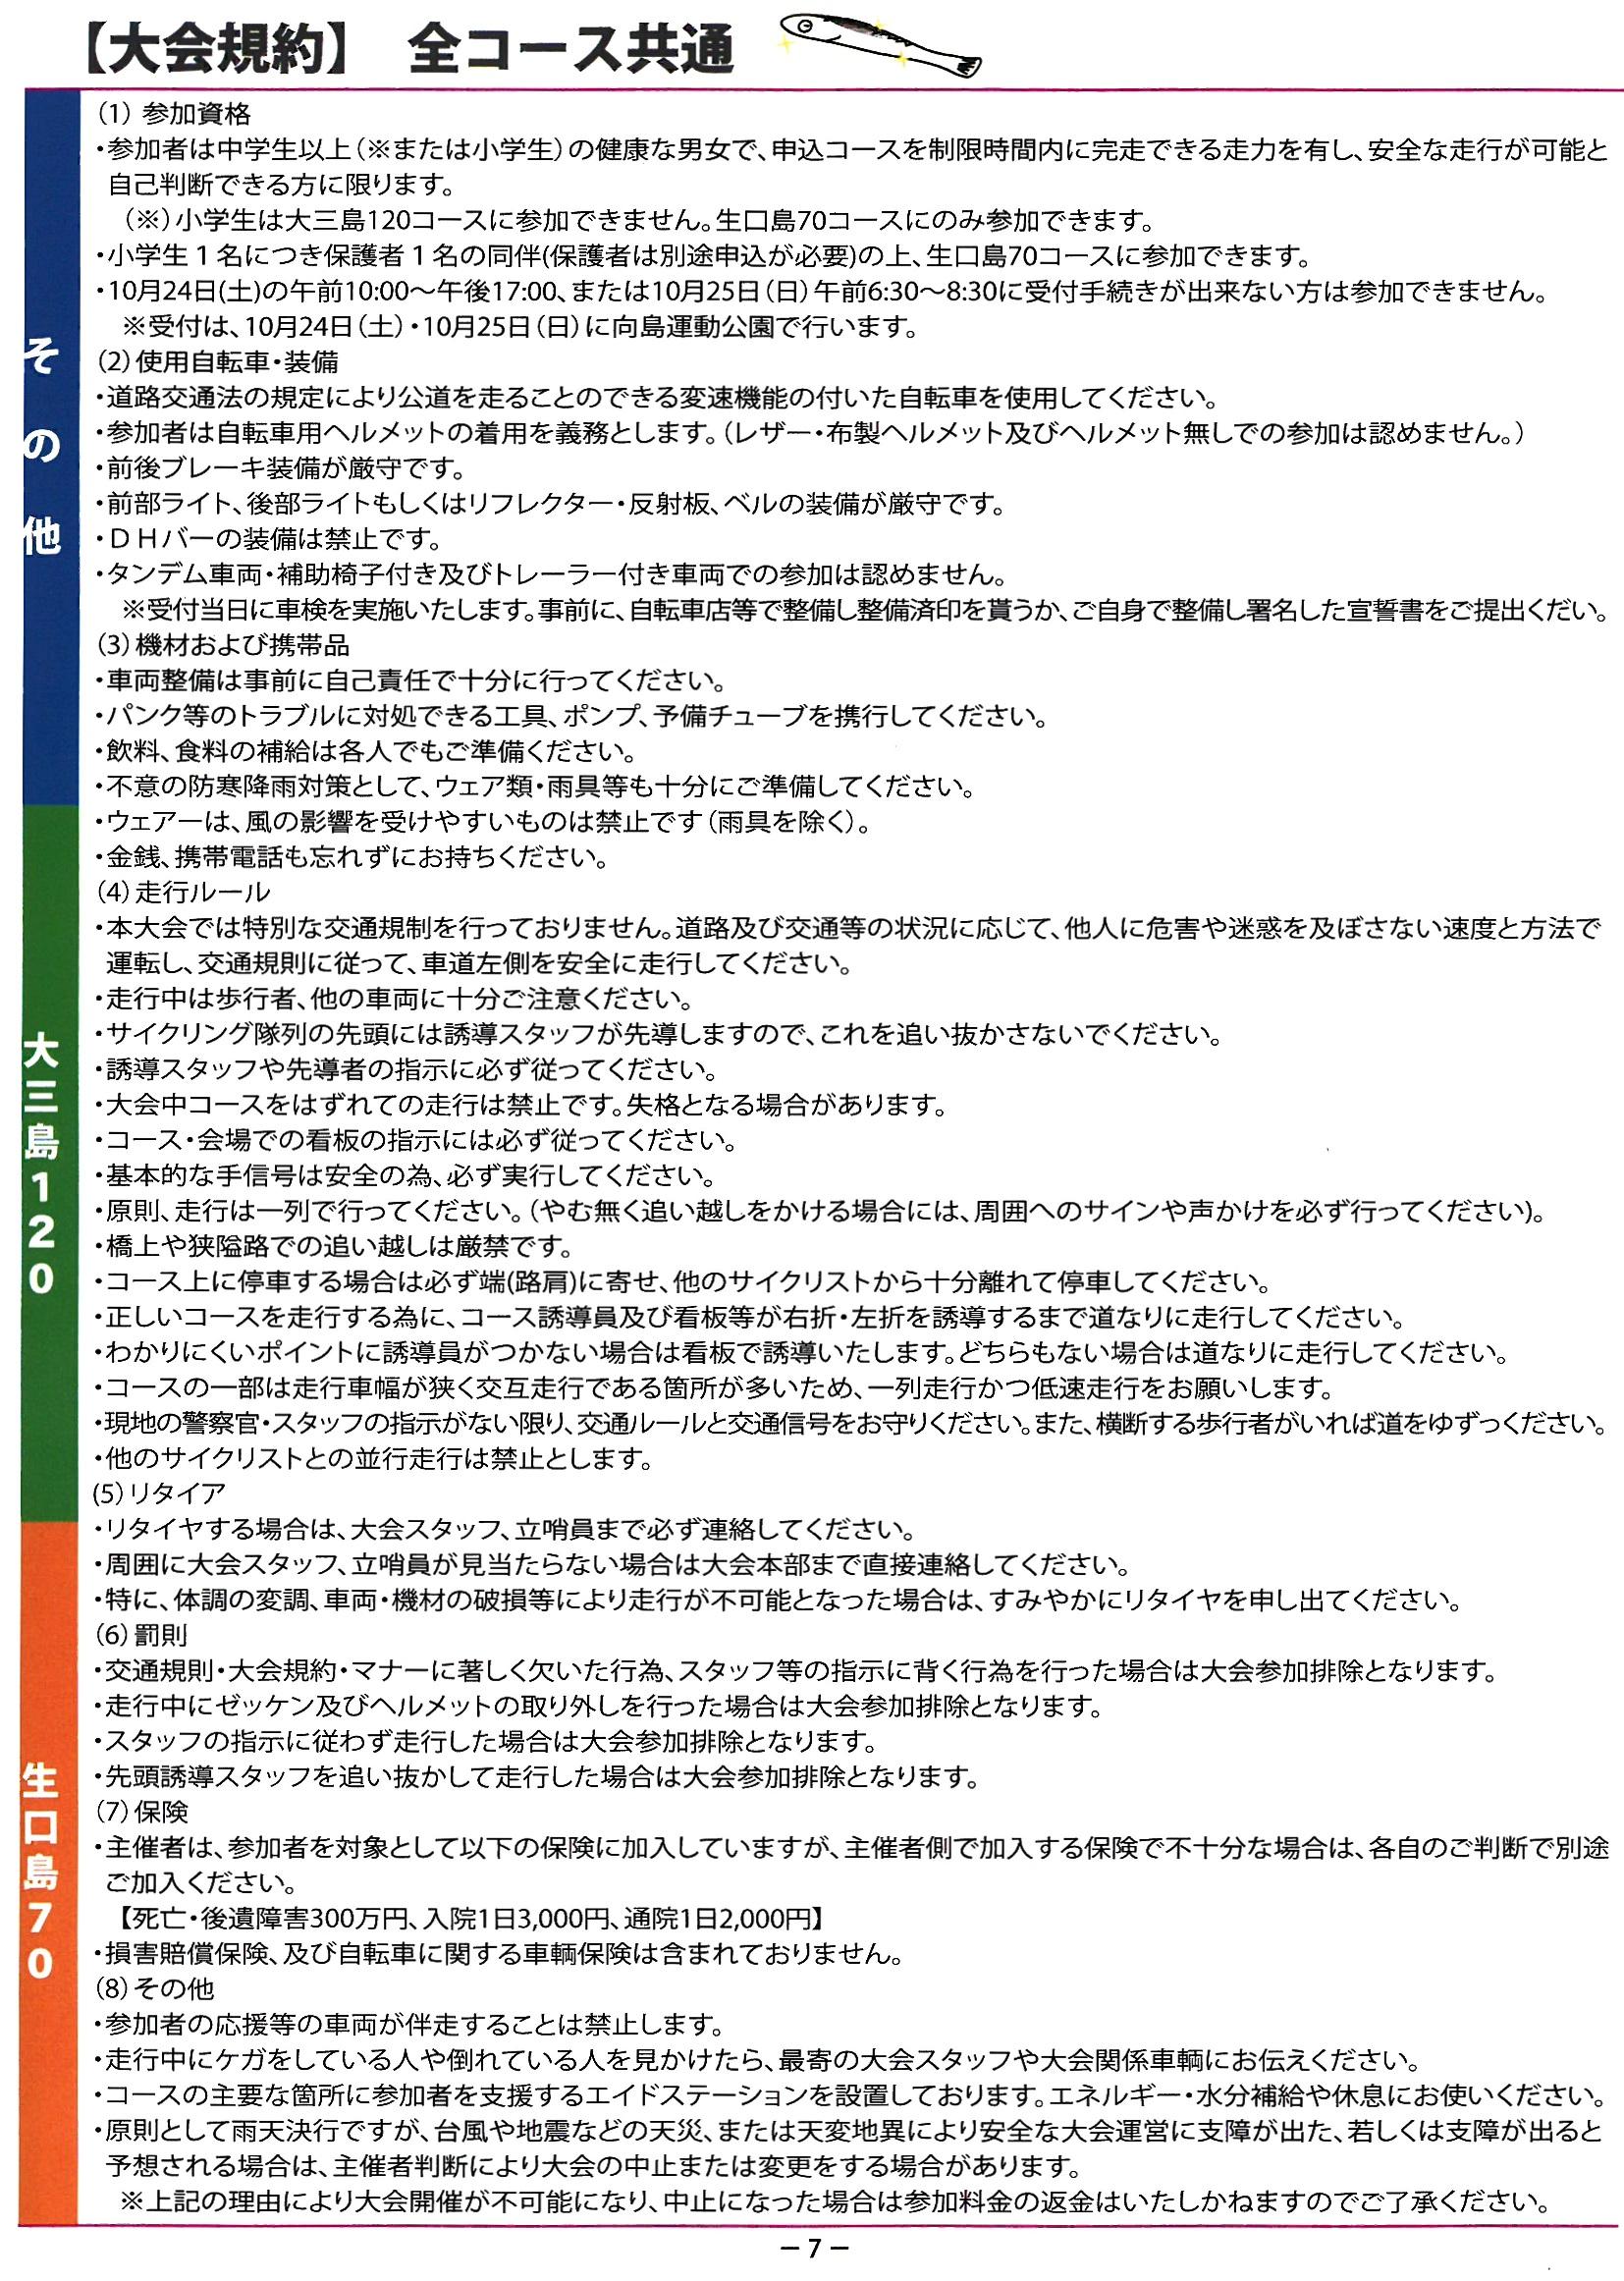 「銀パラ2015」参加者ガイドブック 07